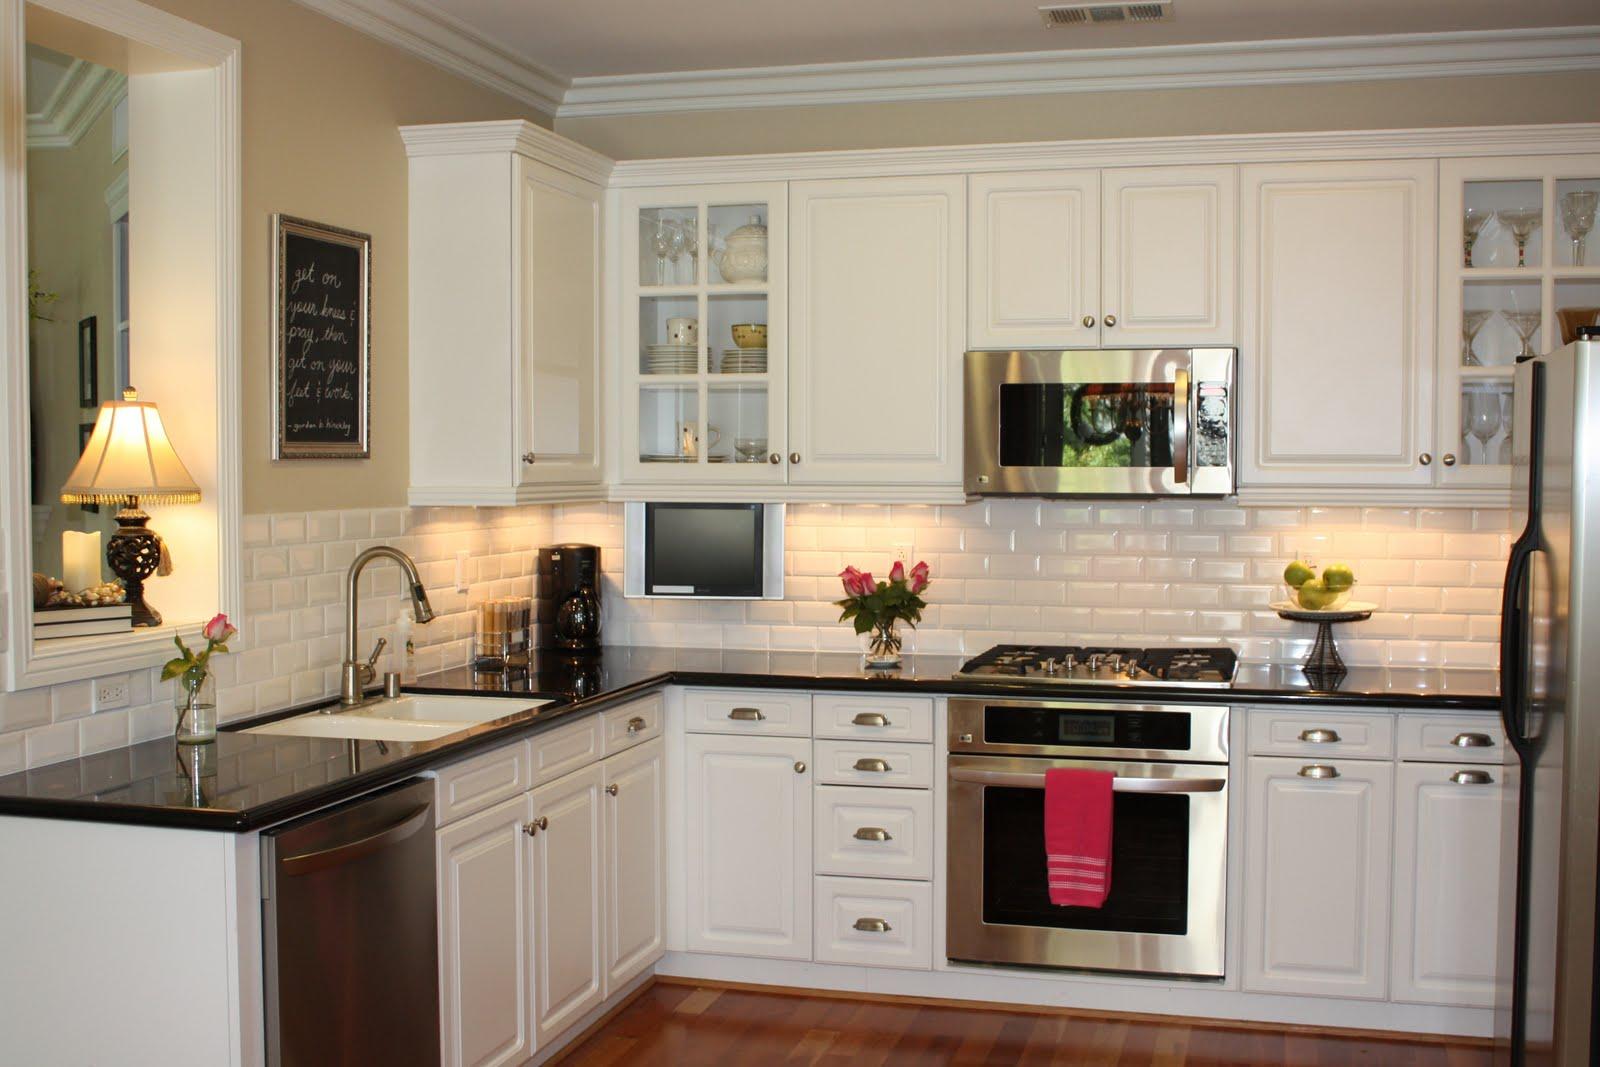 کابینت آشپزخانه کوچک با رنگ سفید